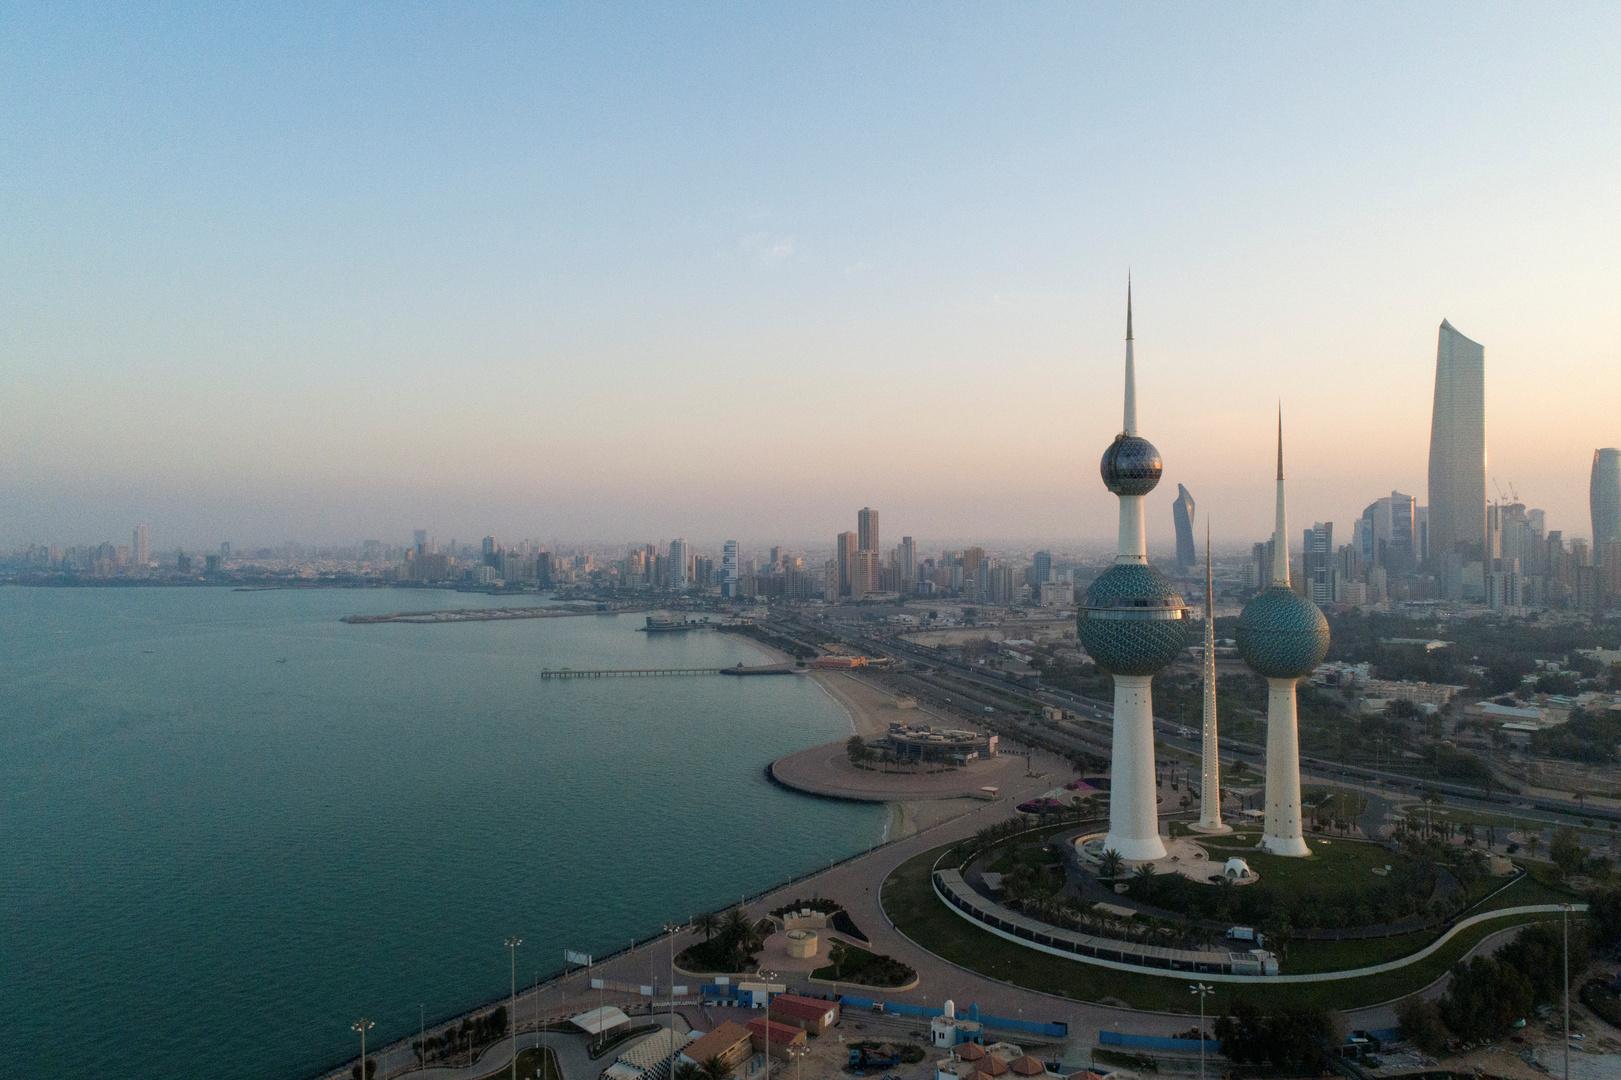 تعديلات تشريعية مرتقبة لمواجهة التحرش في الكويت